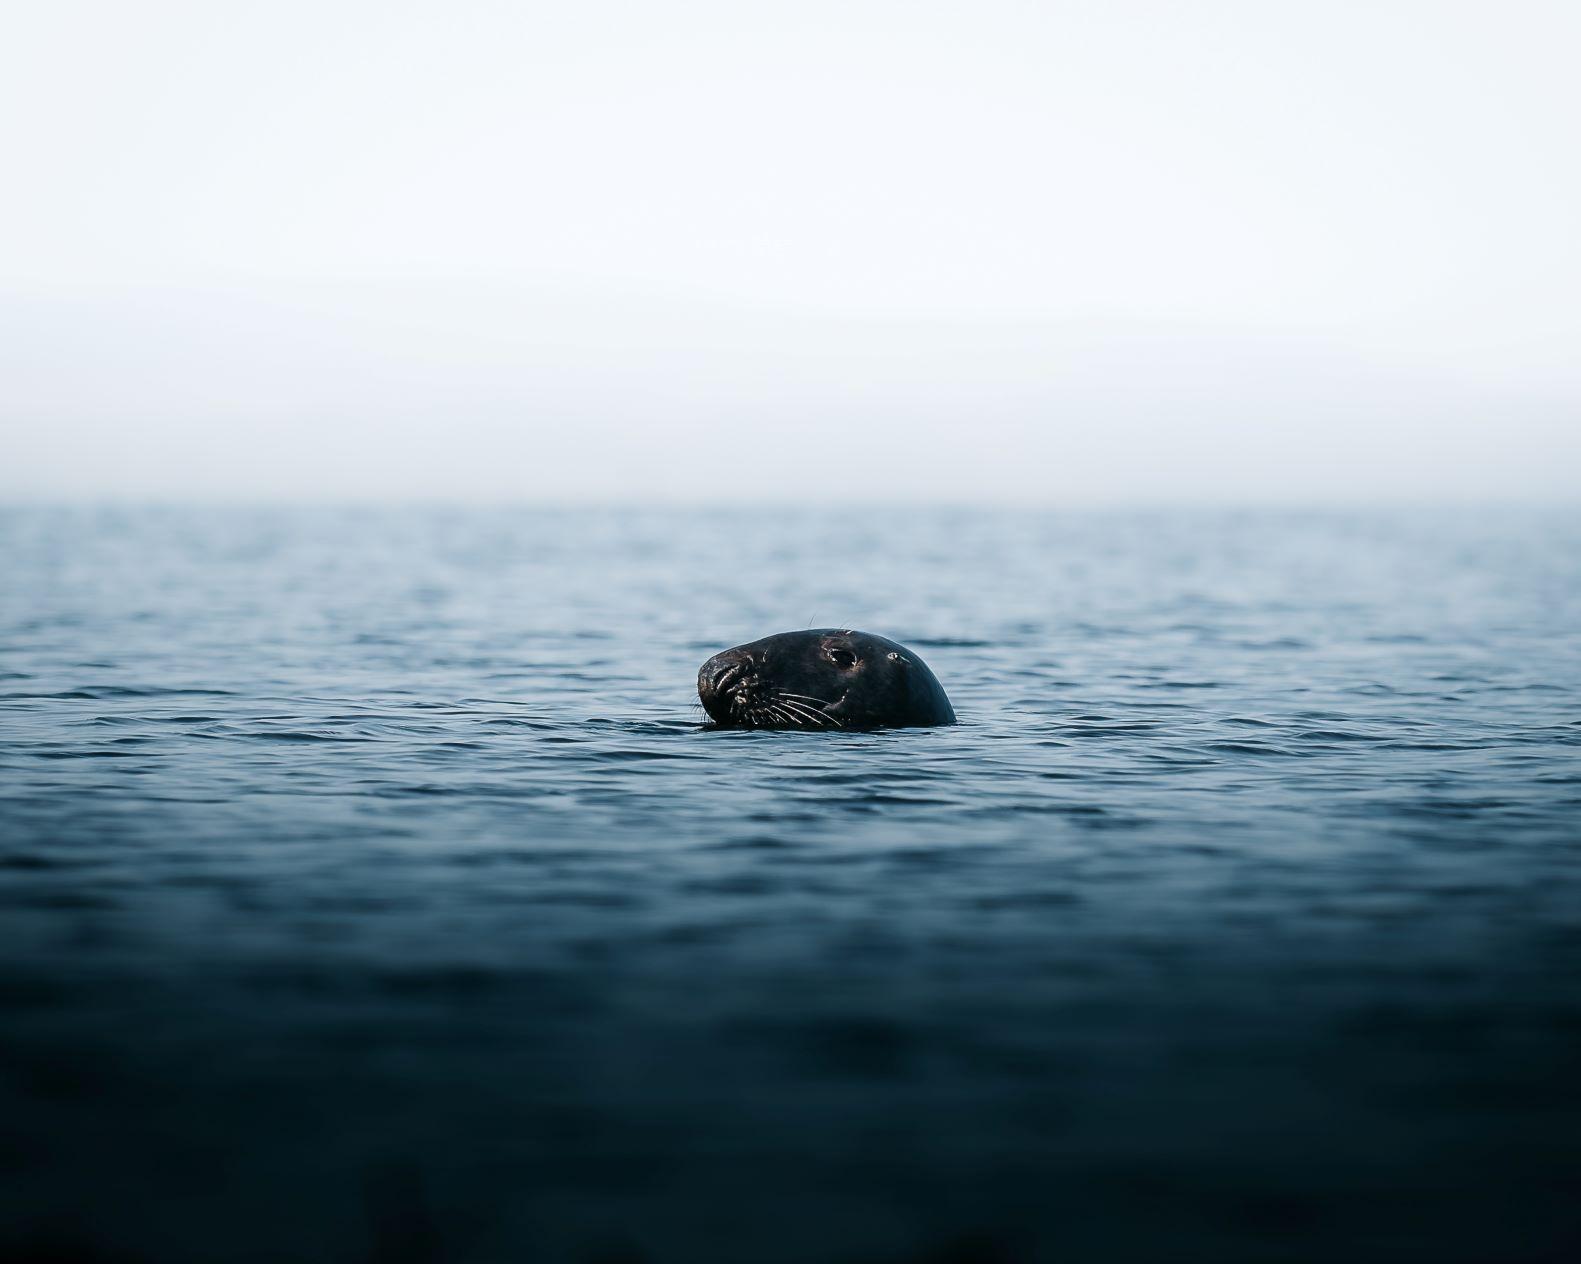 Ailsa Craig Seal